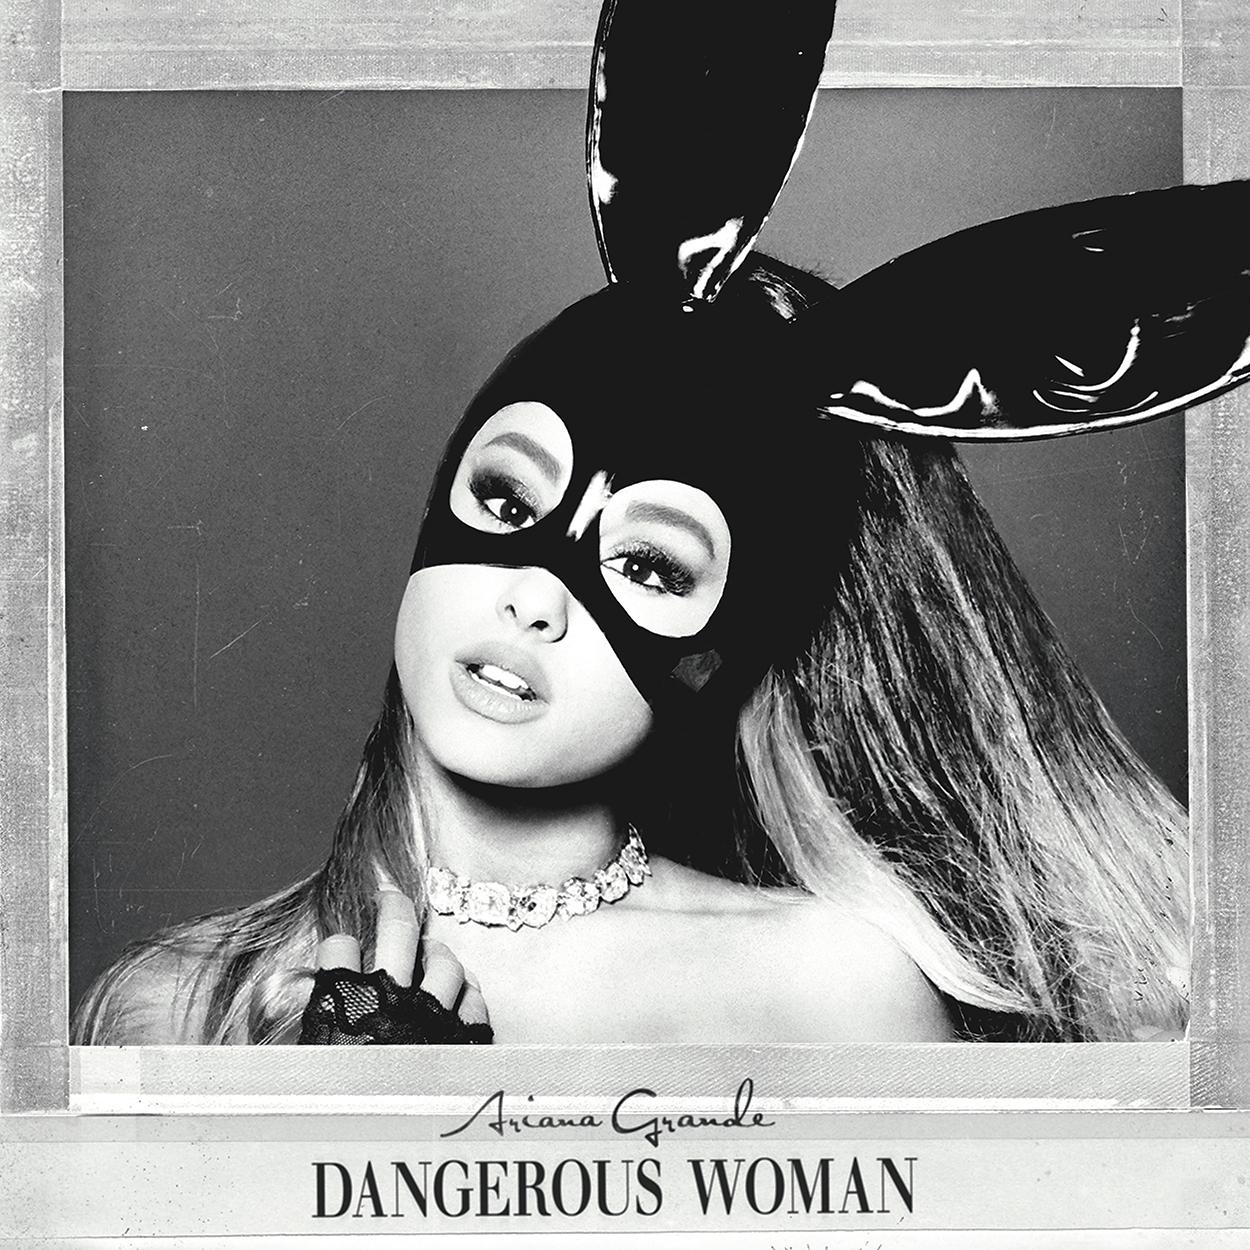 Ill be naked at 95: Ariana Grande - Arts and